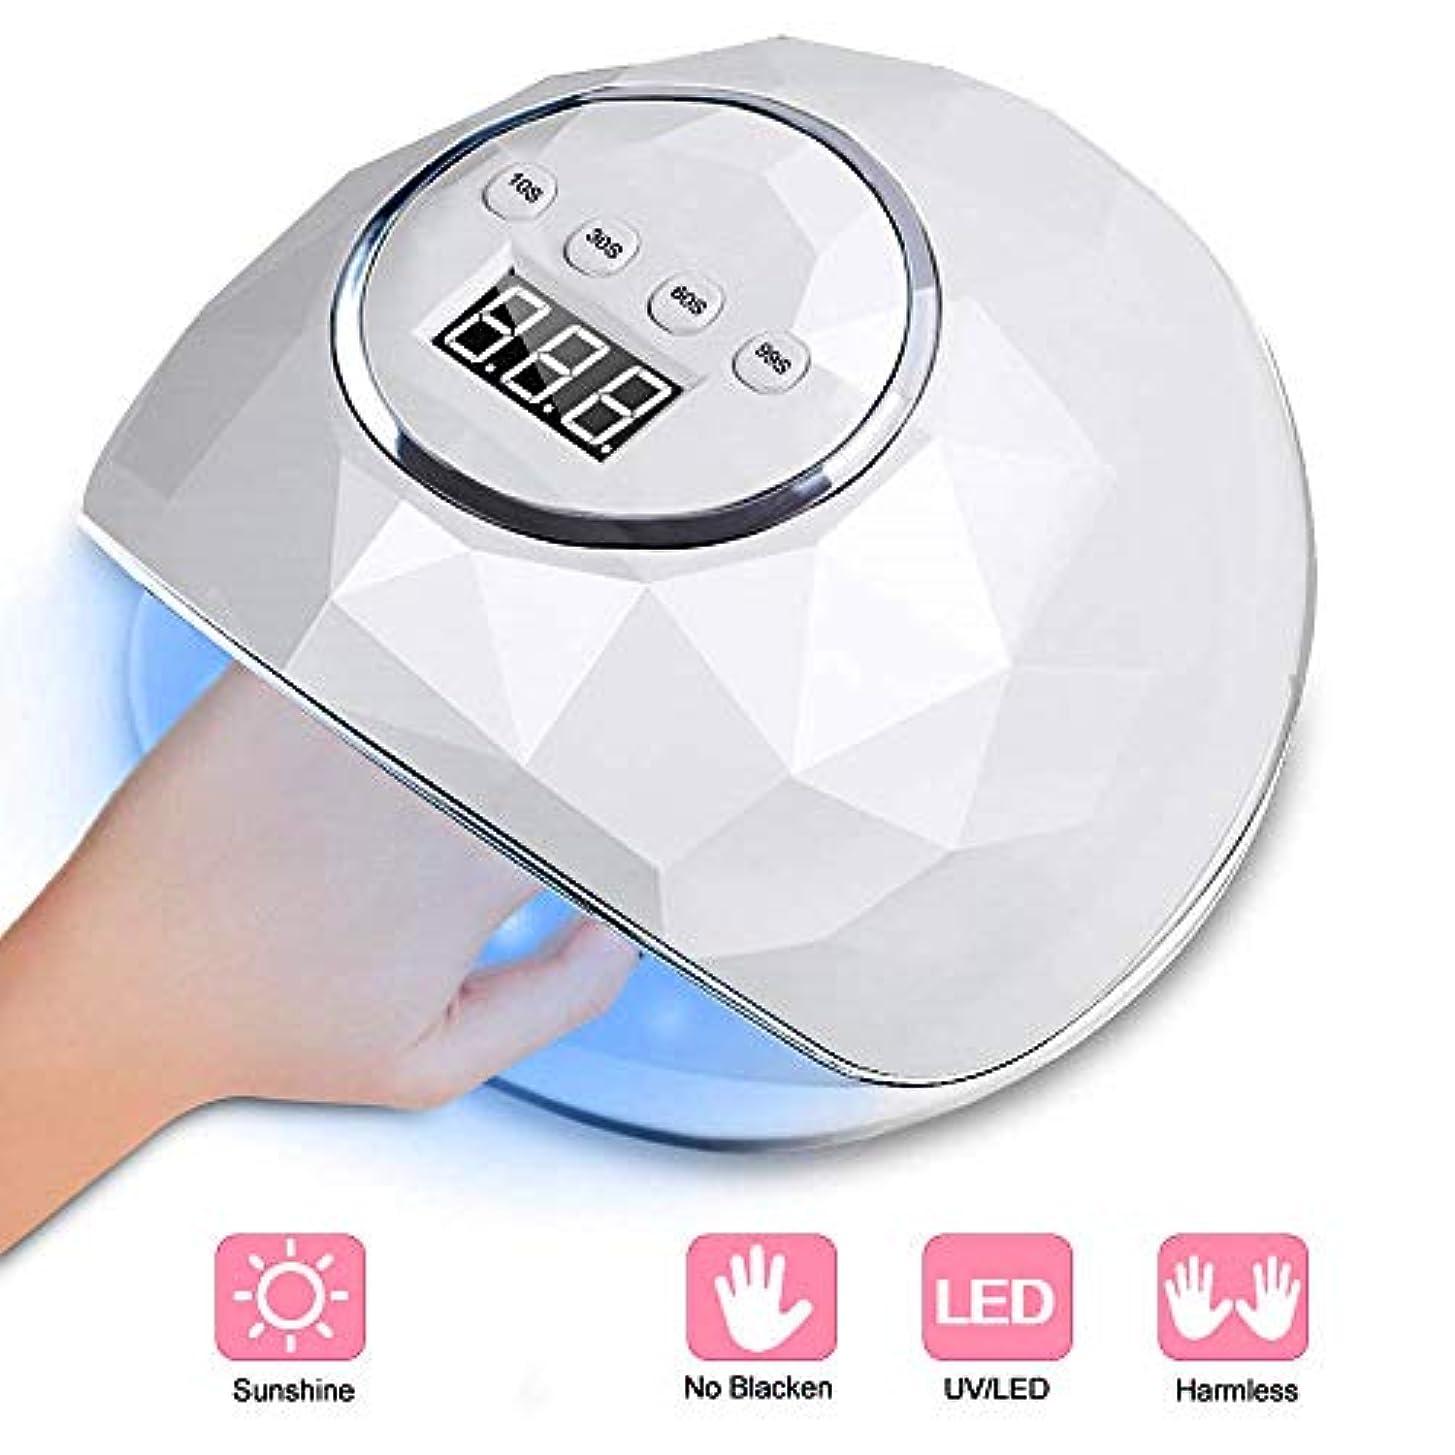 褒賞ナチュラルなぞらえる紫外線ジェルネイル光線療法ランプ72Wスマート誘導マニキュアランプマニキュアマシンでジェルネイルポリッシュキット